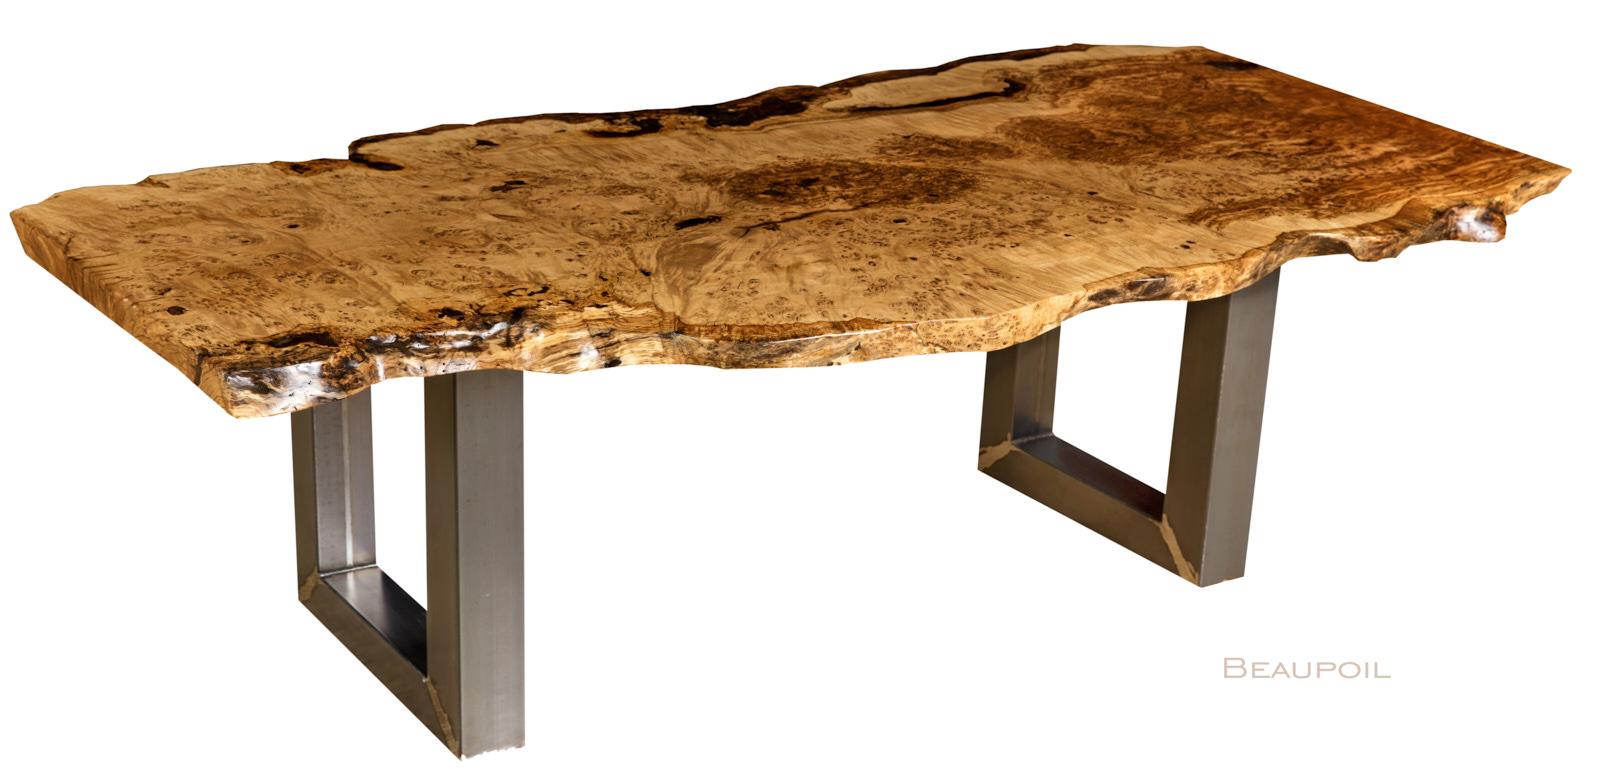 Holztisch mit natürlichen Baumkanten, kunstvoller Eiche Esstisch mit massiver wurzeltypischer Tischplatte, Kunstmöbel mit interessanten Naturmerkmalen